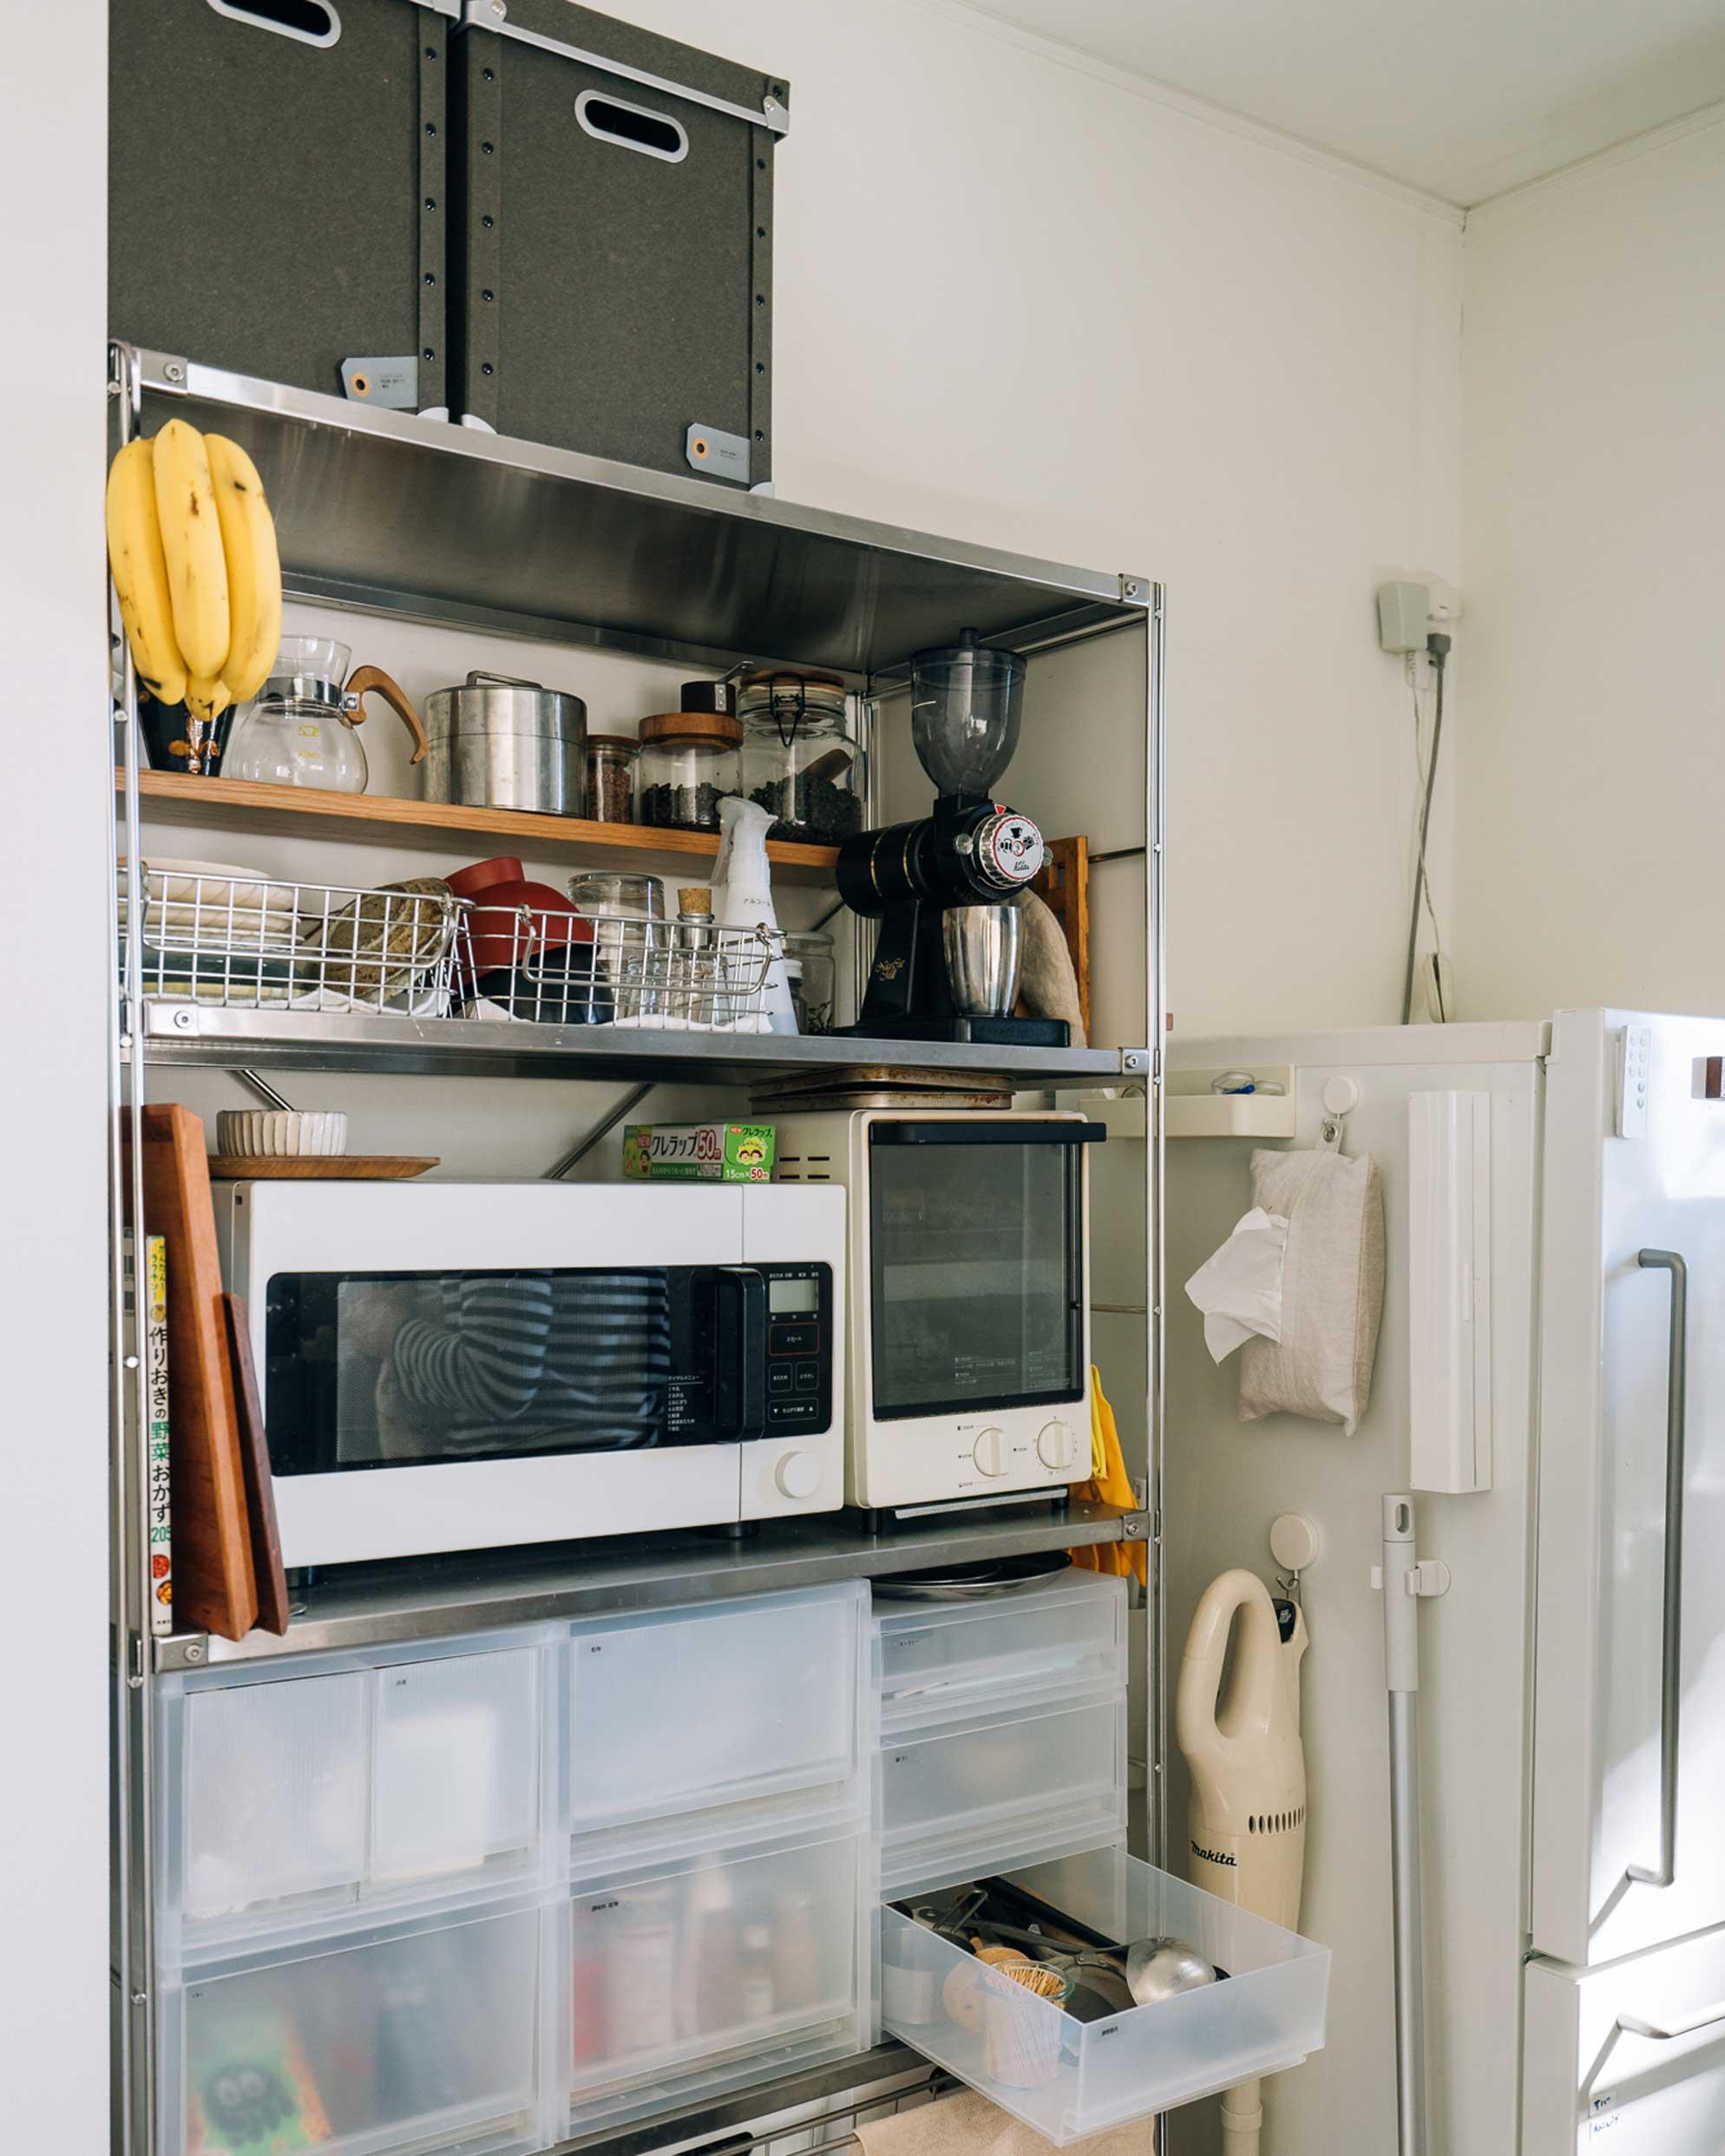 無印良品の収納で、狭くてもすっきり整理されたキッチン。無印の収納は組み合わせが自在でどんなふうにでも使えるのでお気に入り。